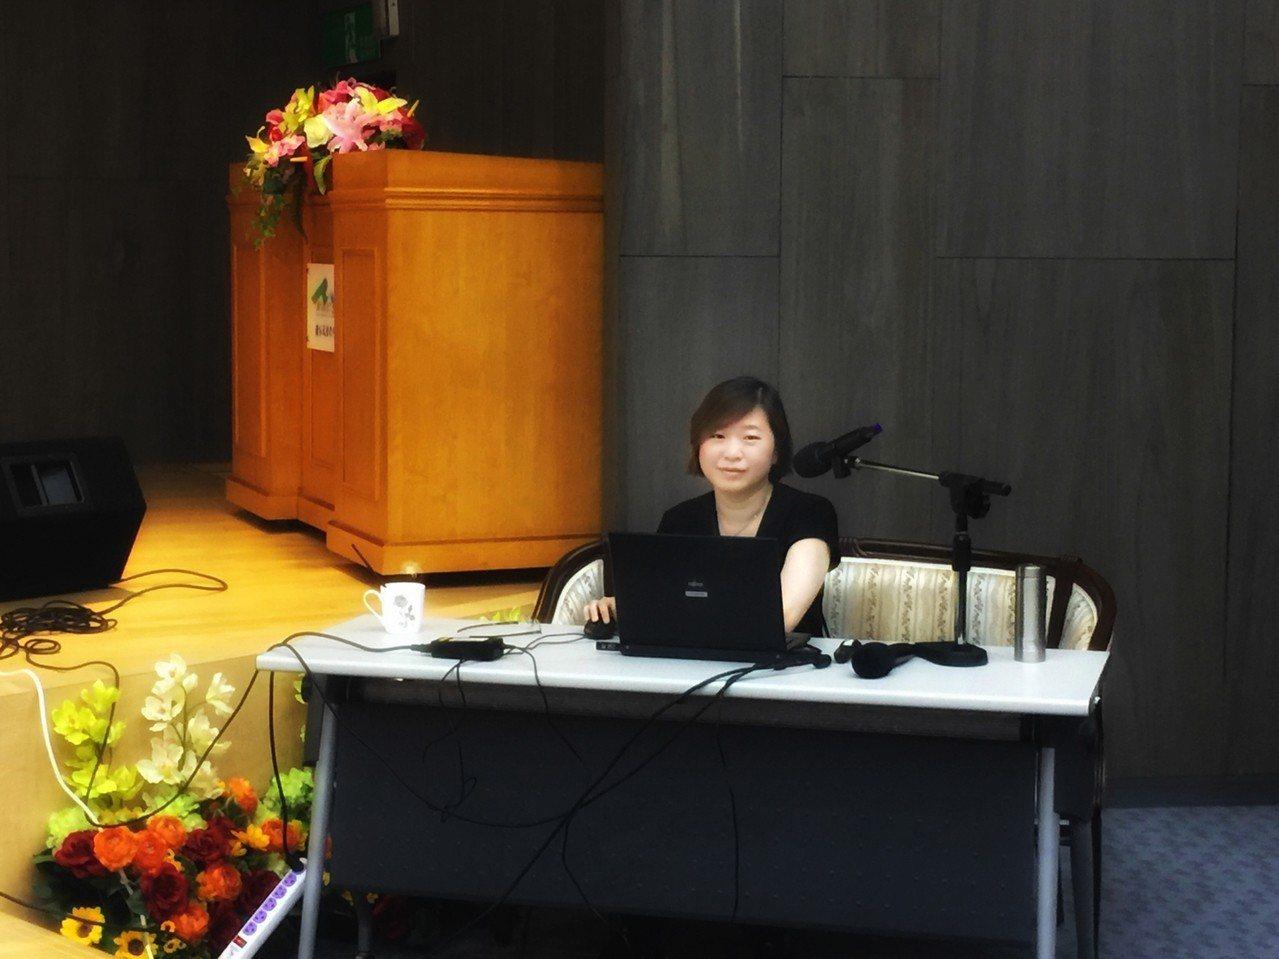 台北科技大學博士班學生王瑄獲得總統教育獎。圖/北科大提供